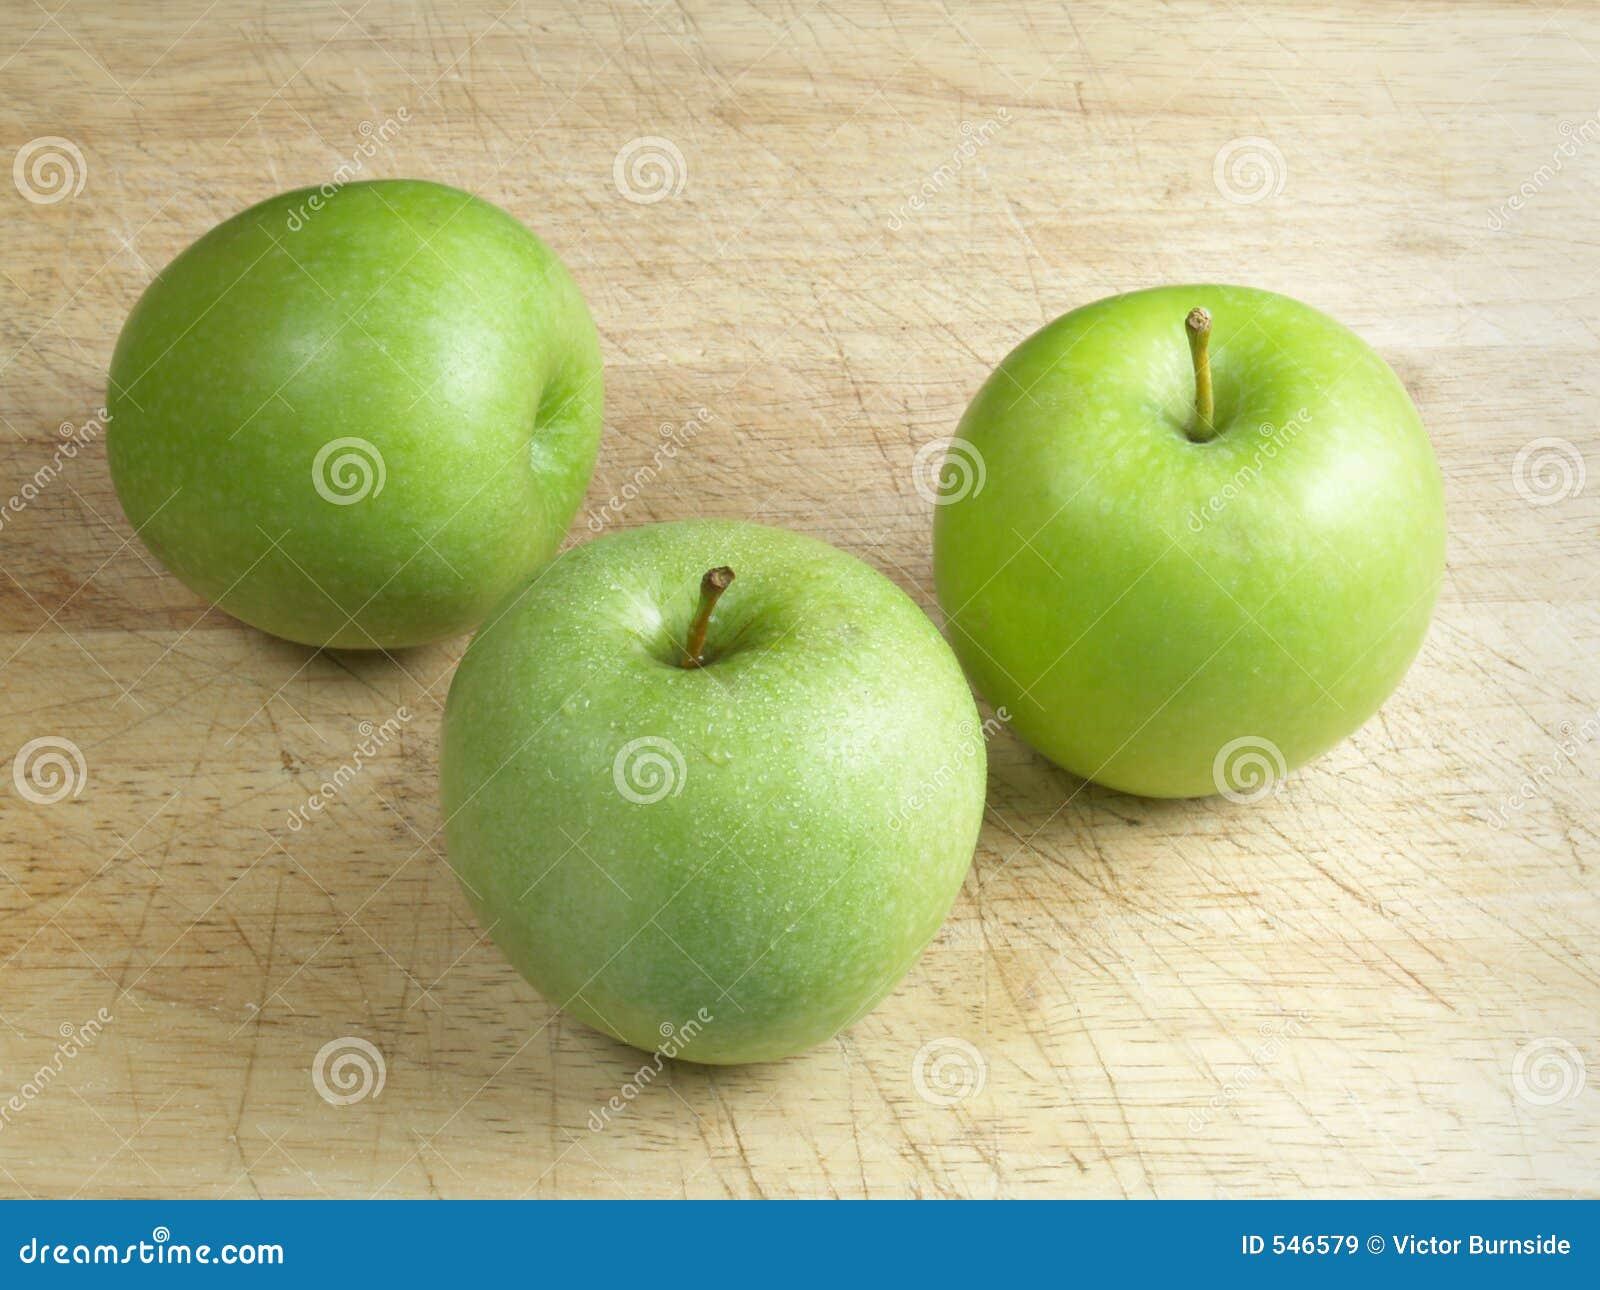 Download 苹果 库存图片. 图片 包括有 木头, 厨房, 皮肤, 果子, 应用, 食物, 烹调, 绿色, 会议室 - 546579